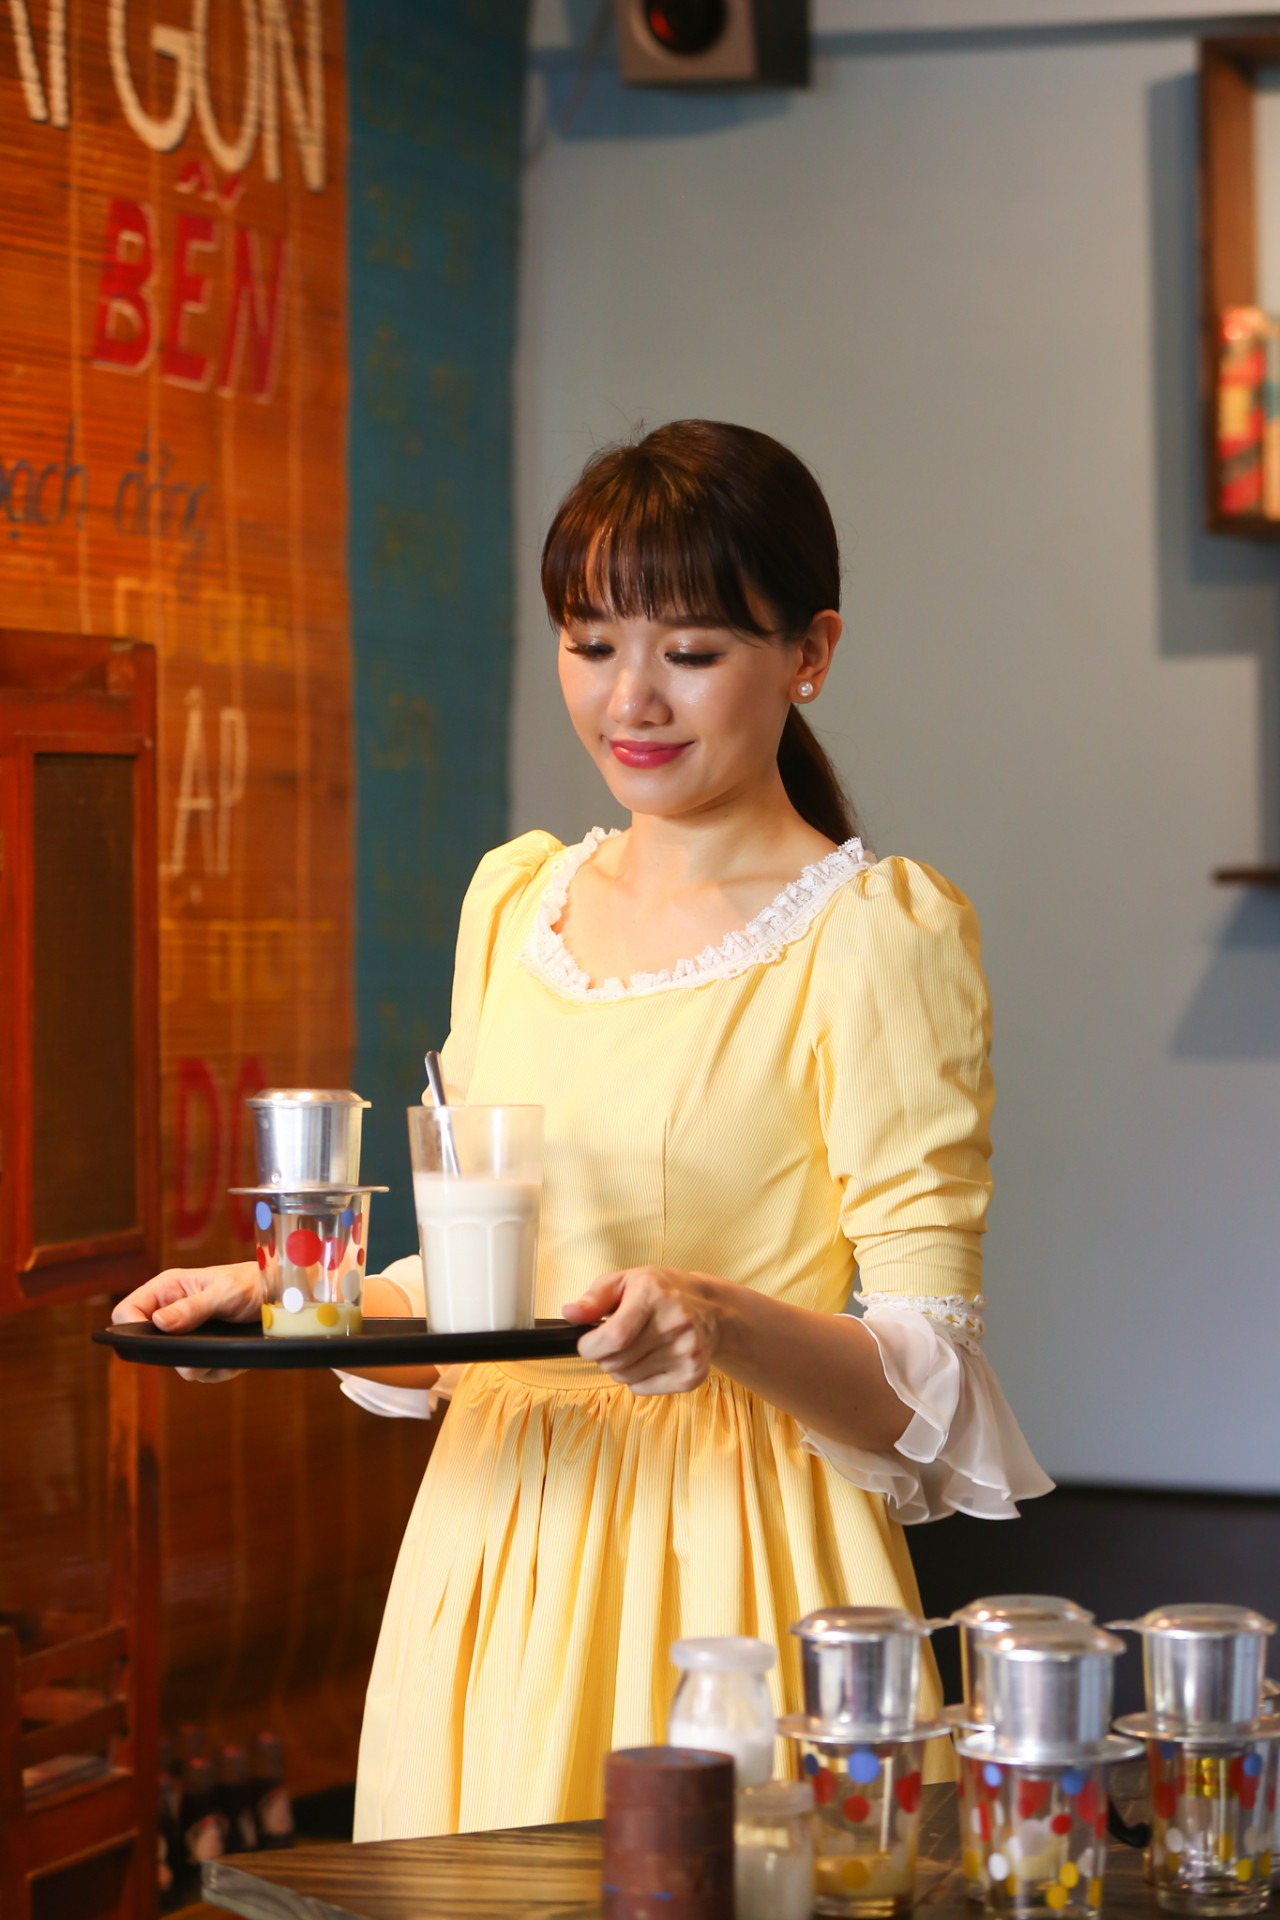 Sau 2 năm lấy Trấn Thành, Hari Won hát về nỗi lòng những người vợ thấu hiểu nỗi vất vả của chồng